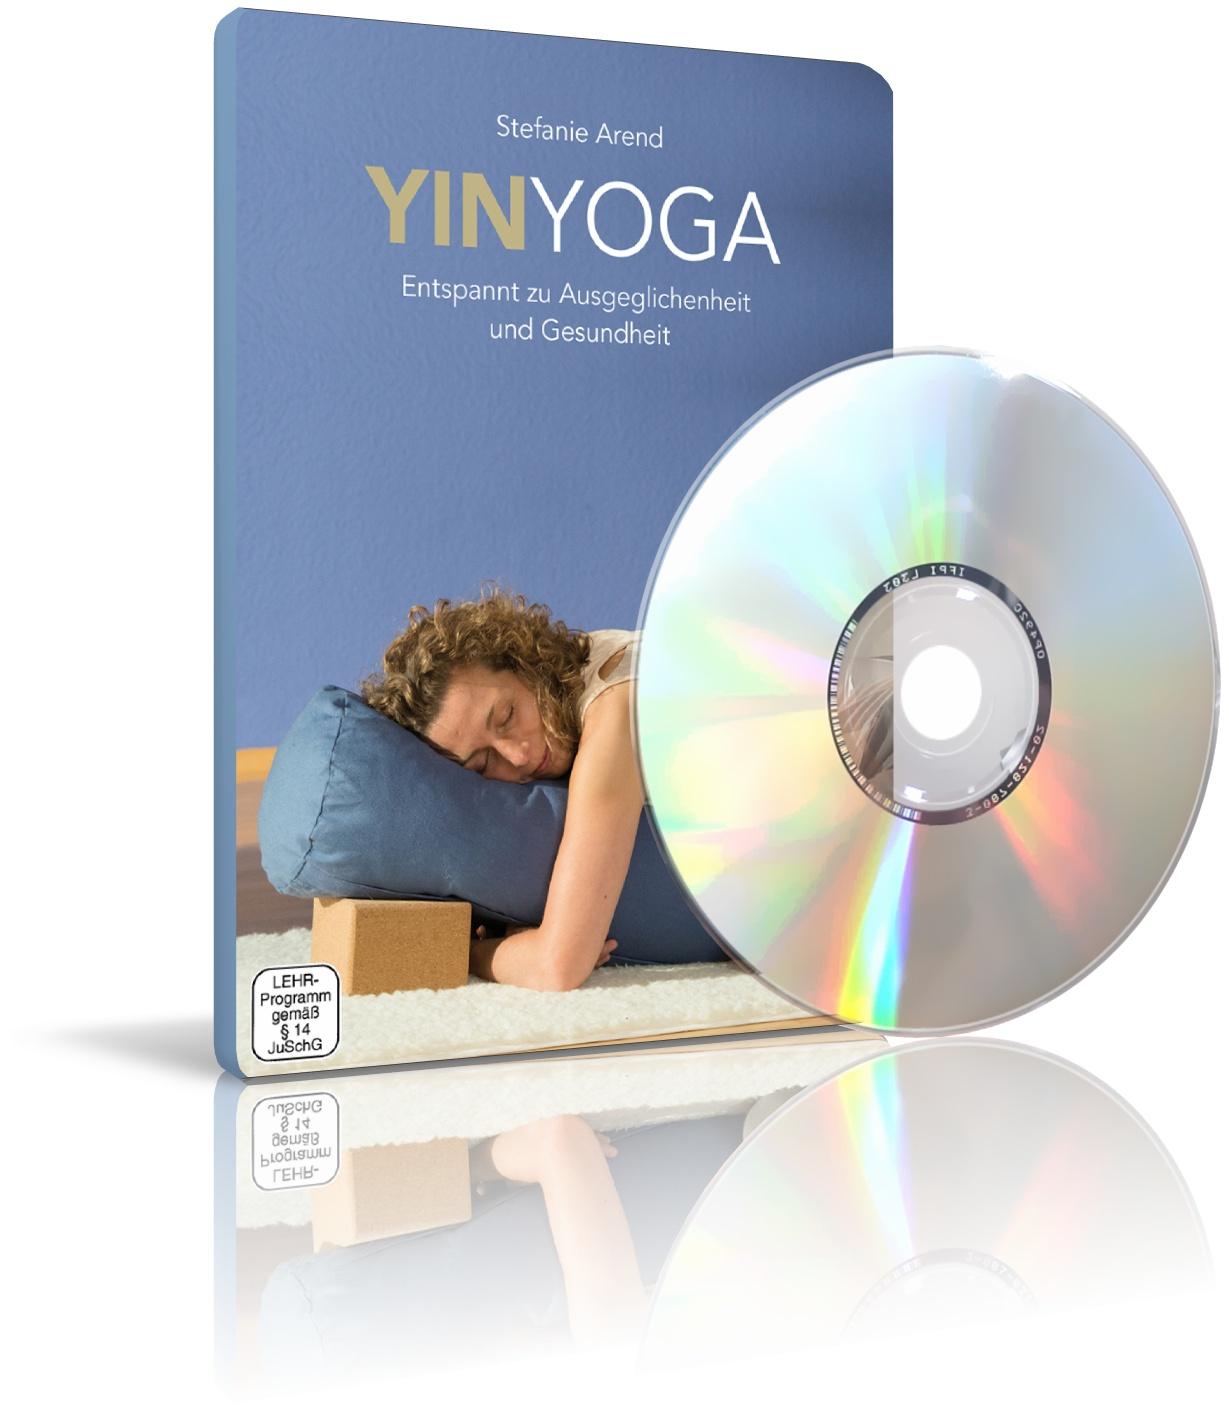 YinYoga - Entspannt zu Ausgeglichenheit und Gesundheit von Stefanie Arend (DVD)